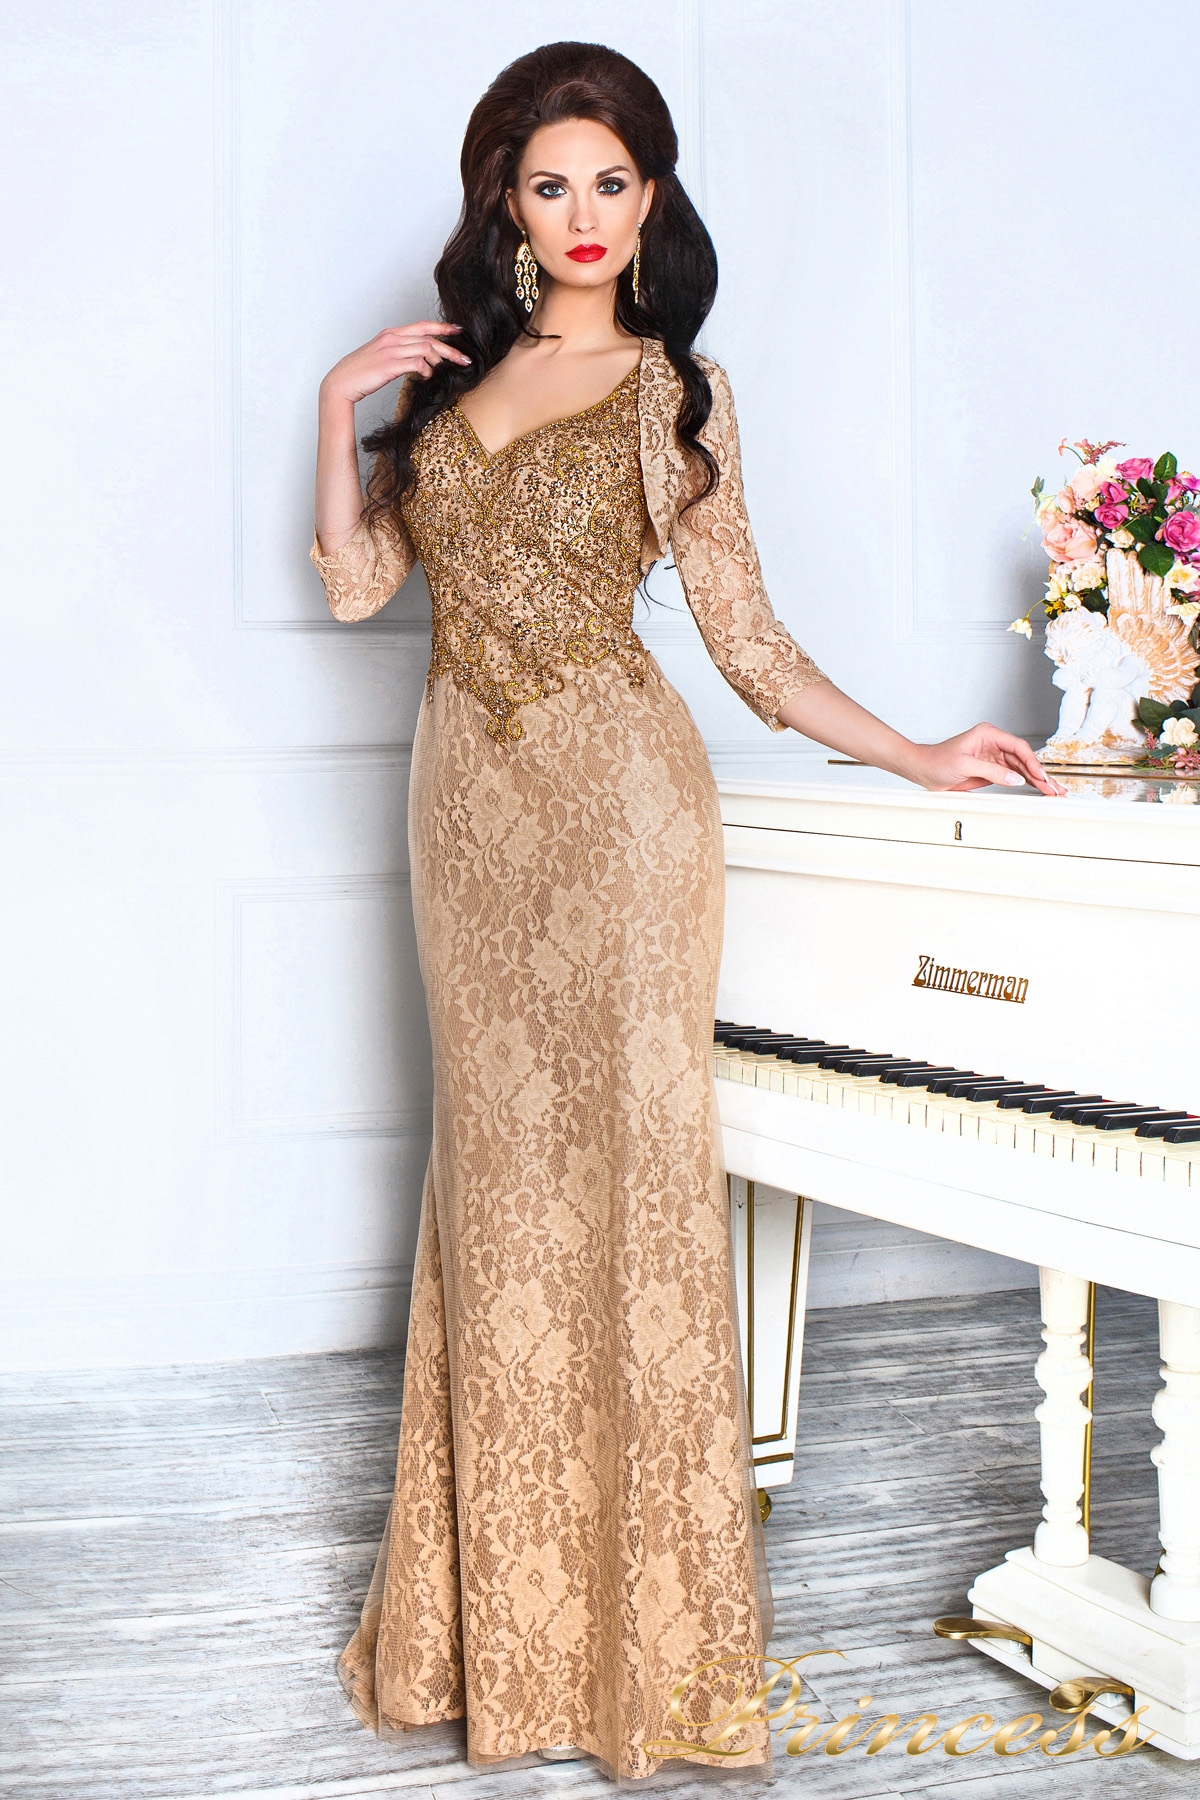 087b6d5a6aa Купить вечернее платье 12082 коричневого цвета по цене 41000 руб. в ...